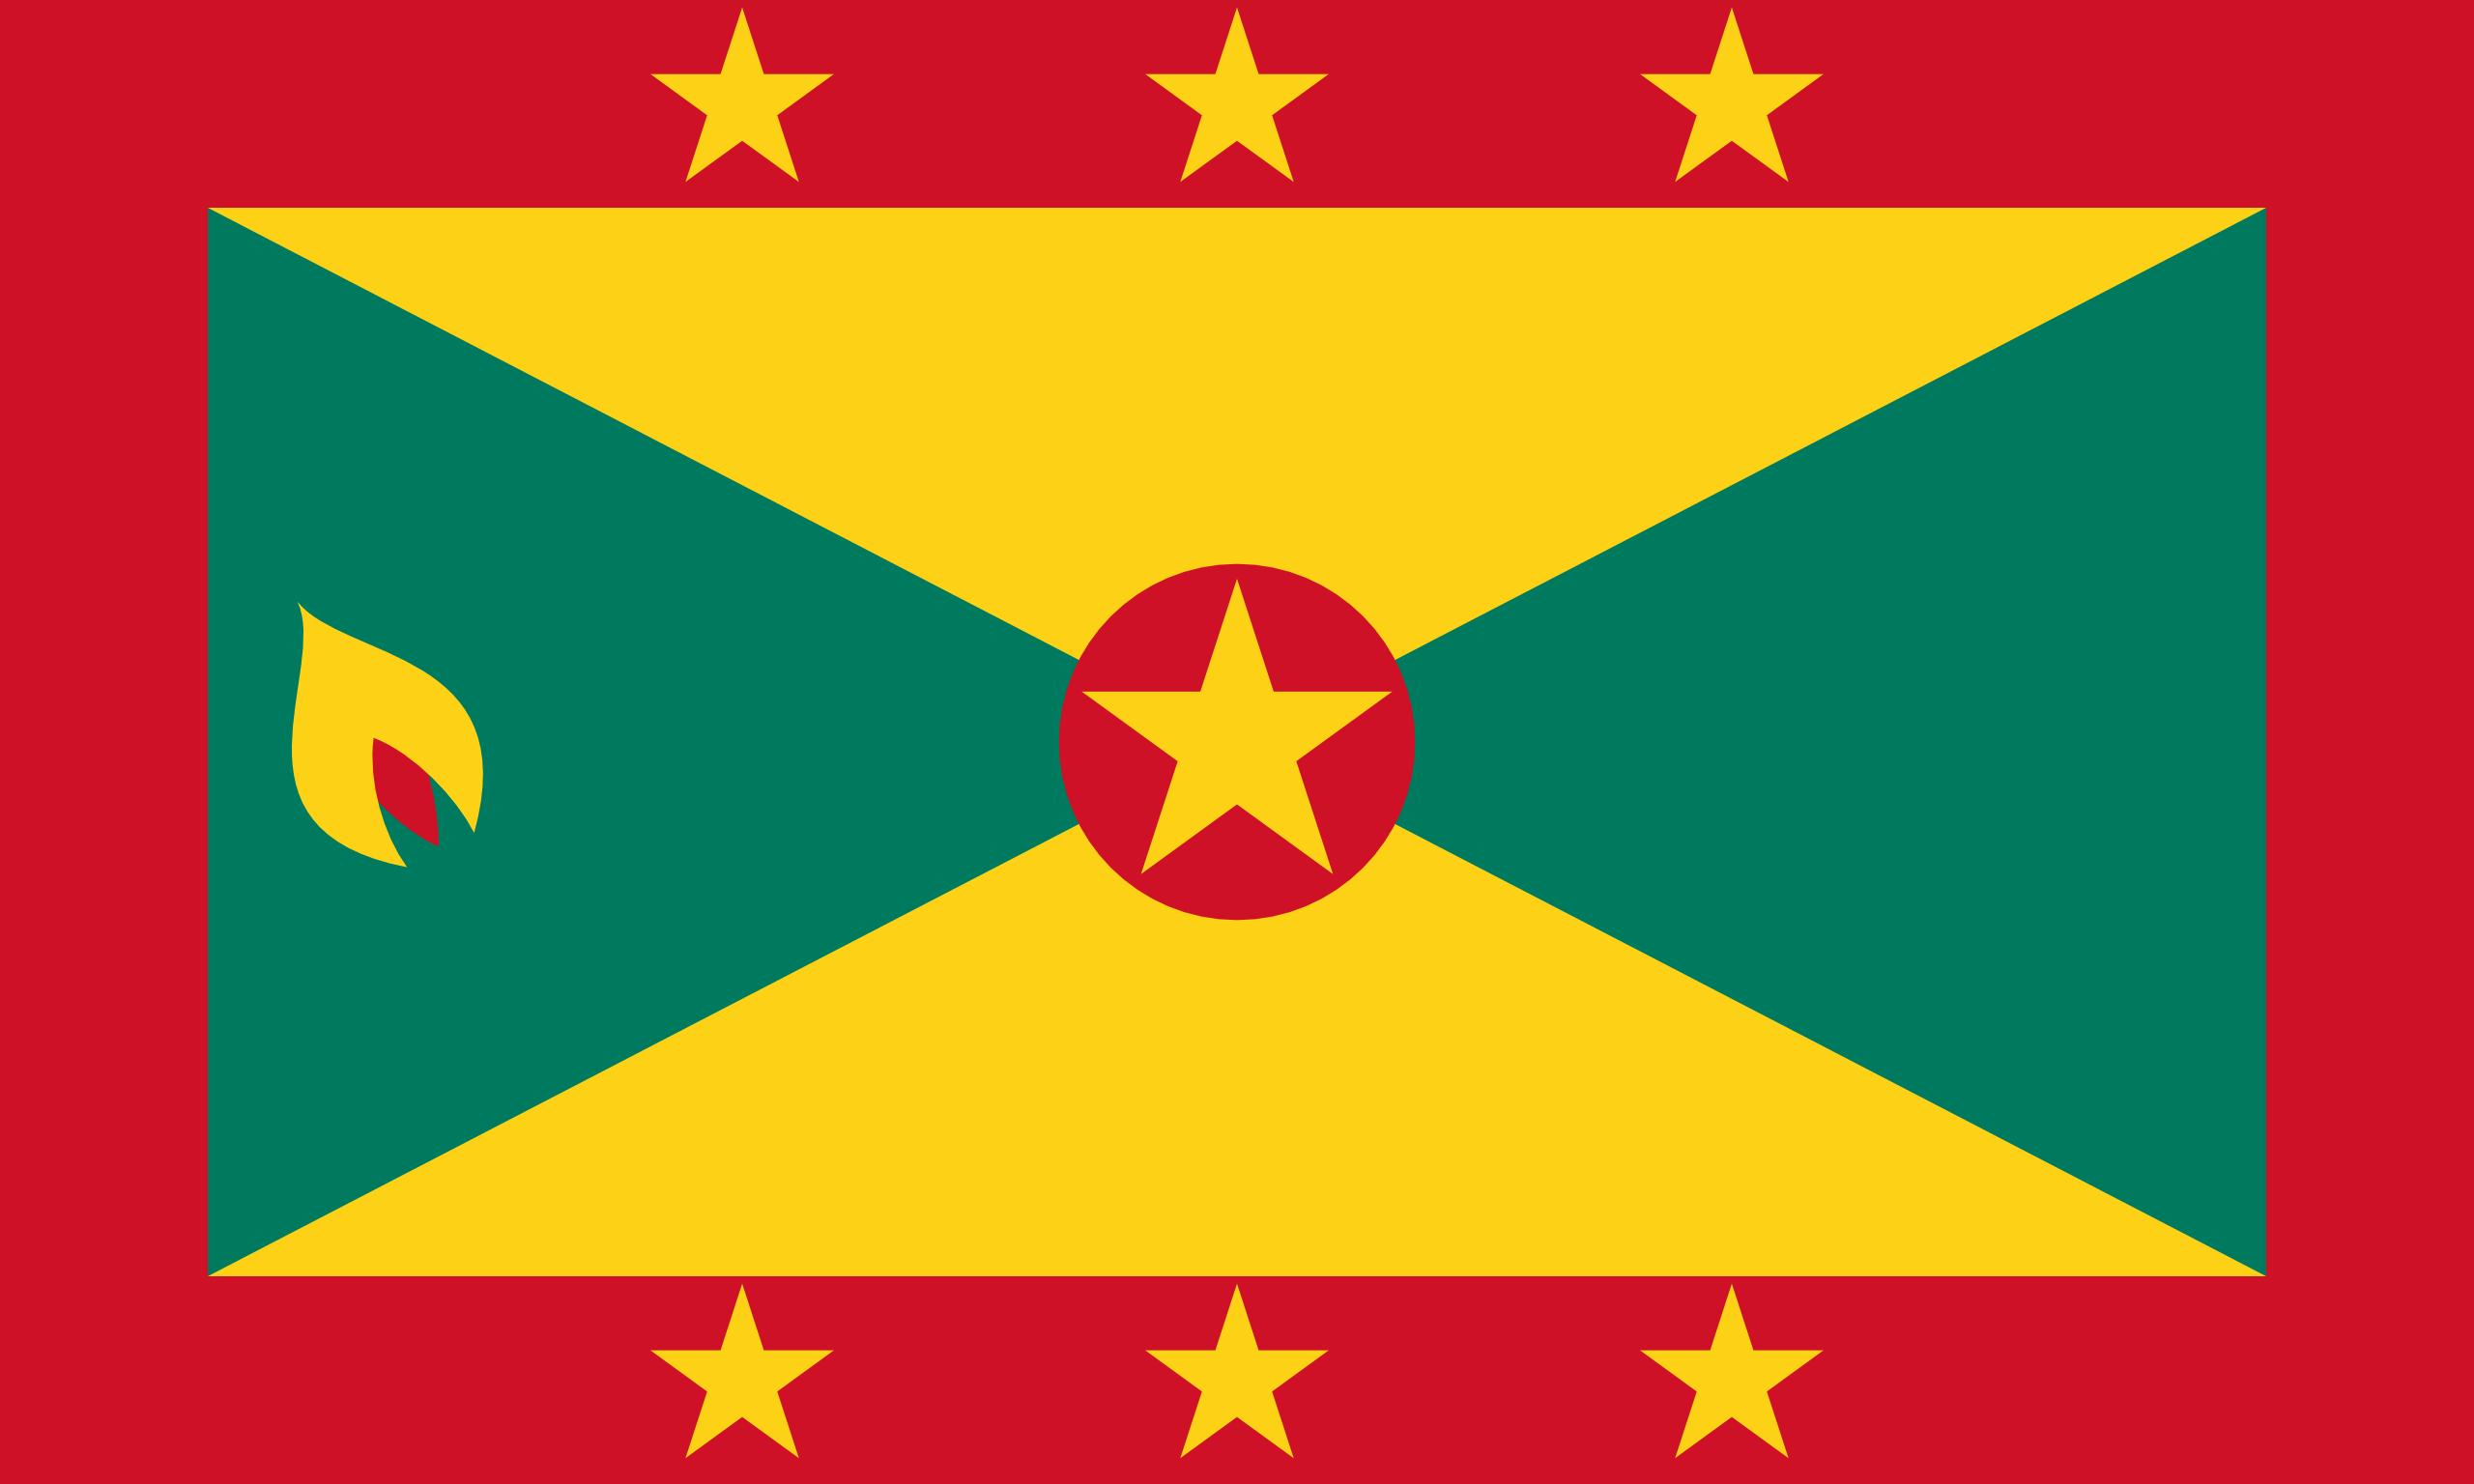 格拉纳达, 国家, 会徽, 徽标, 符号 - 高清壁纸 - 教授-falken.com